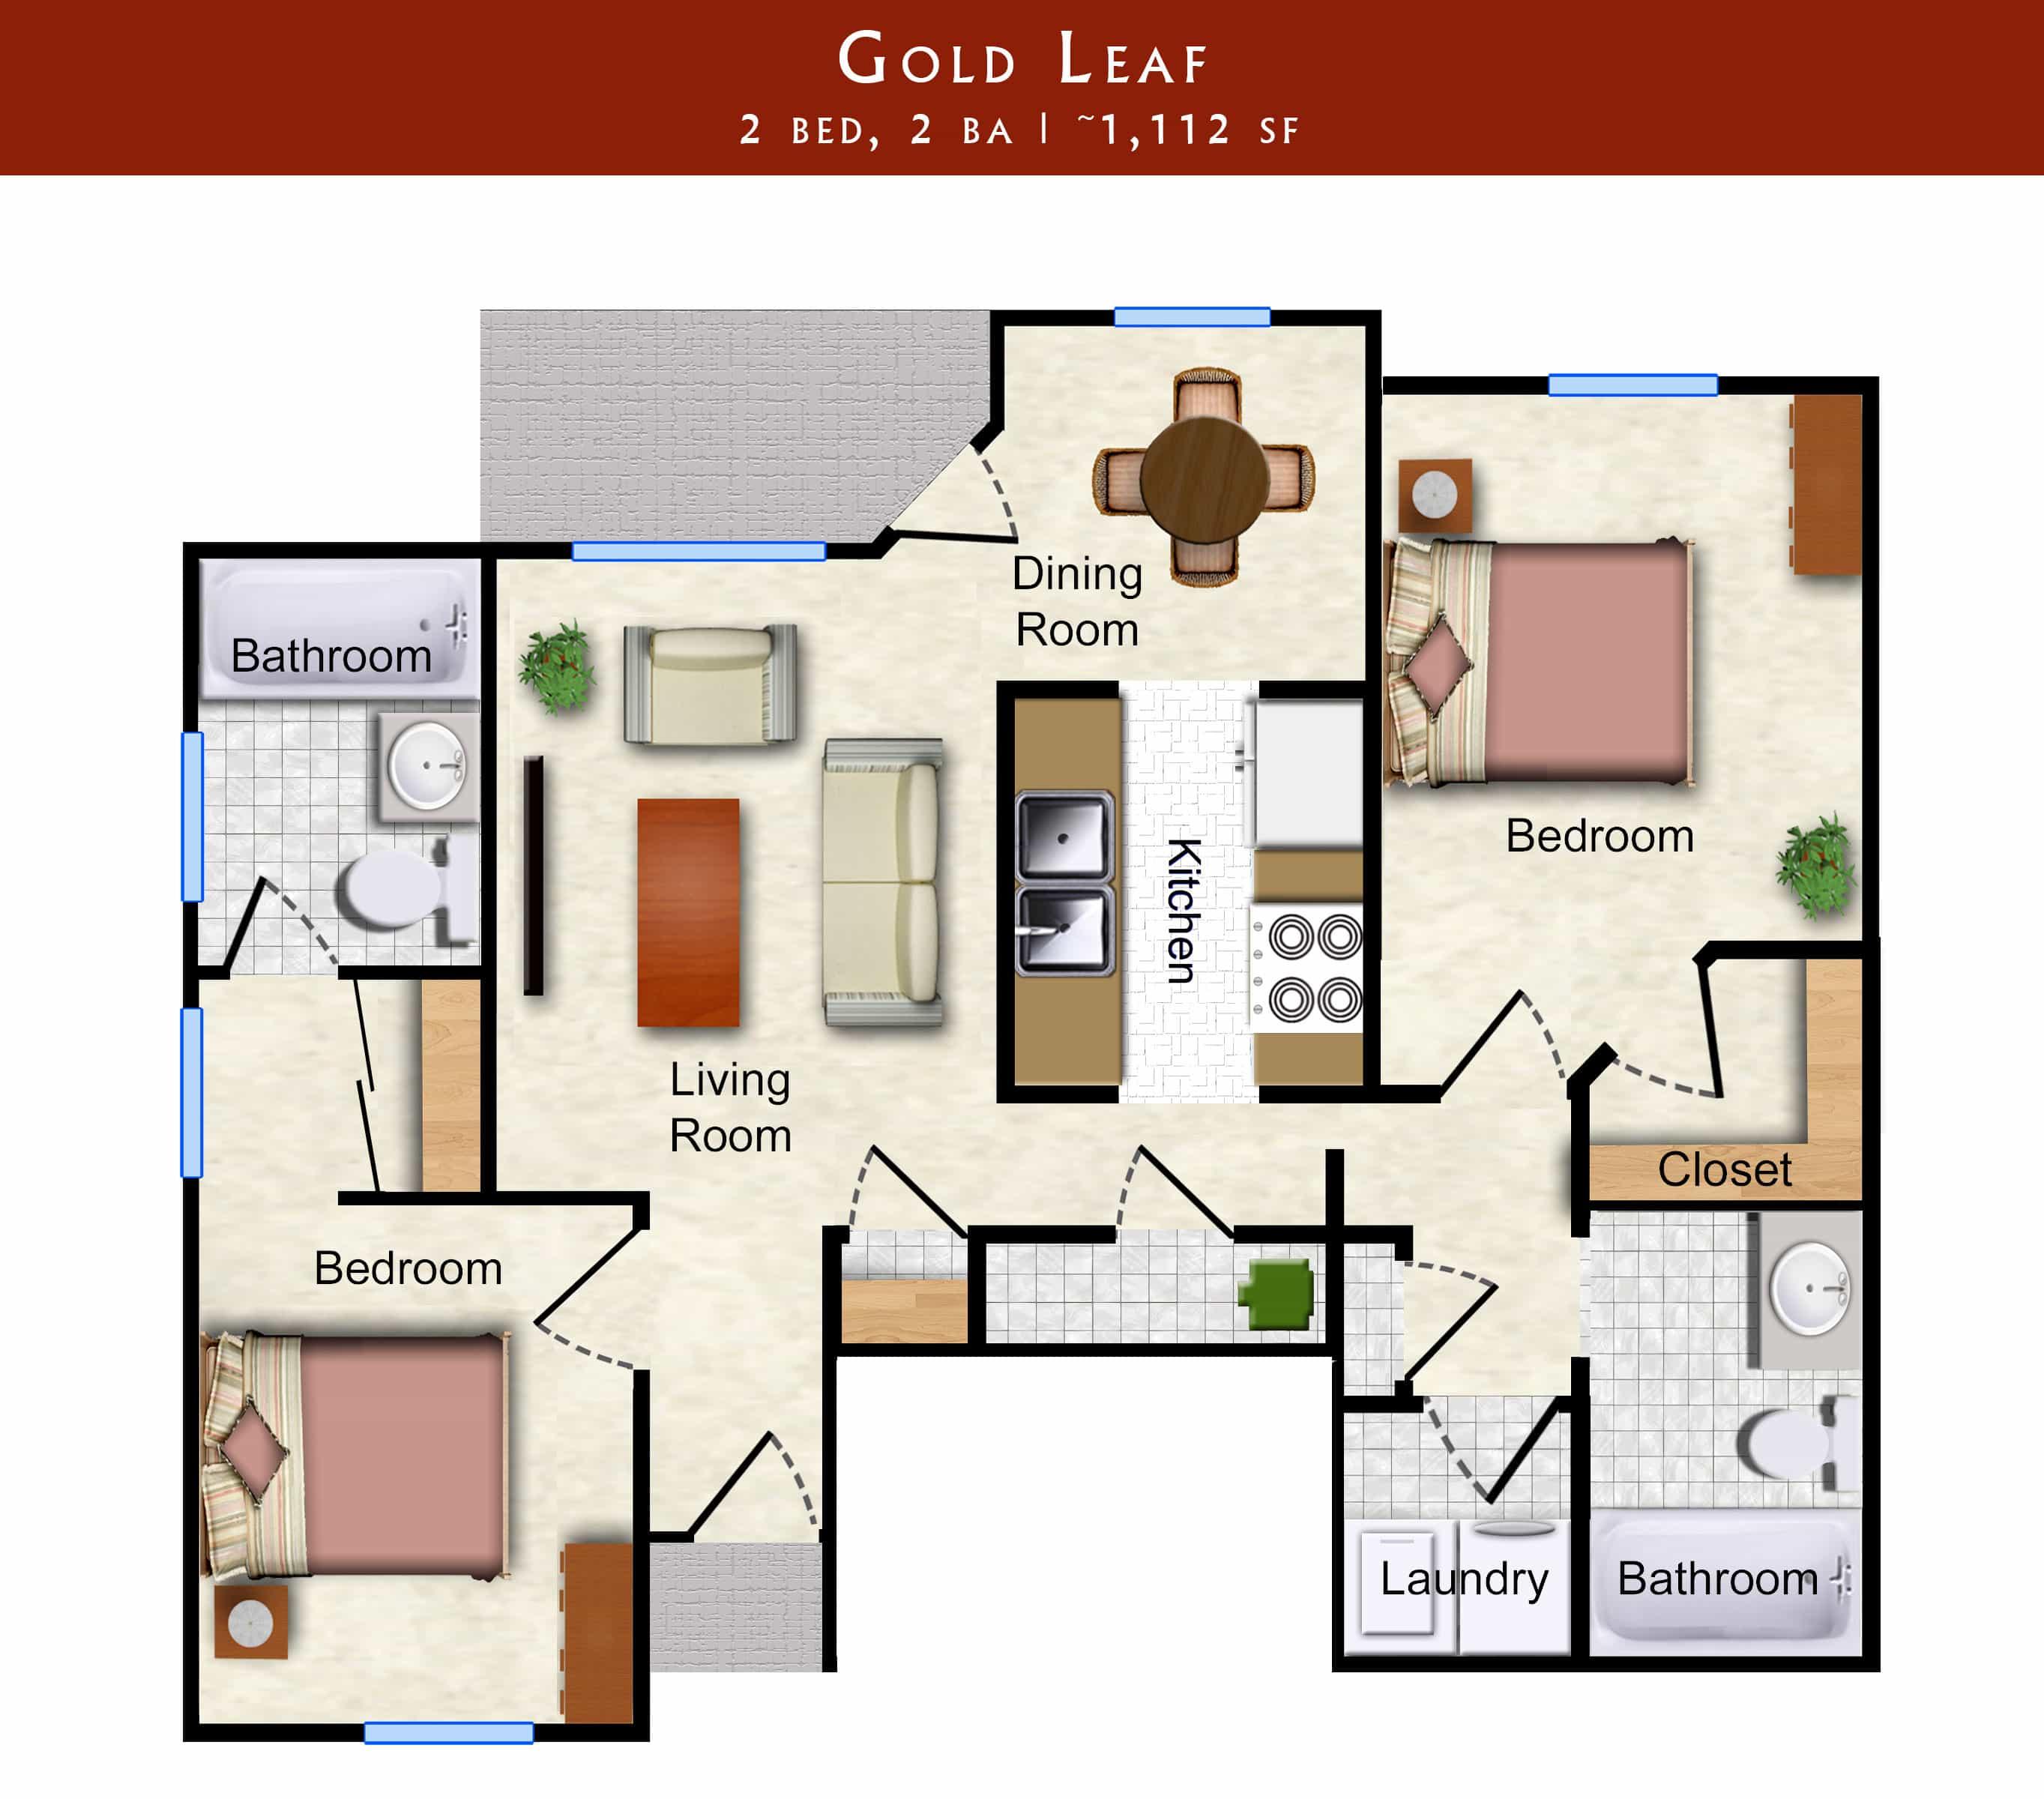 Gold Leaf Floor Plan